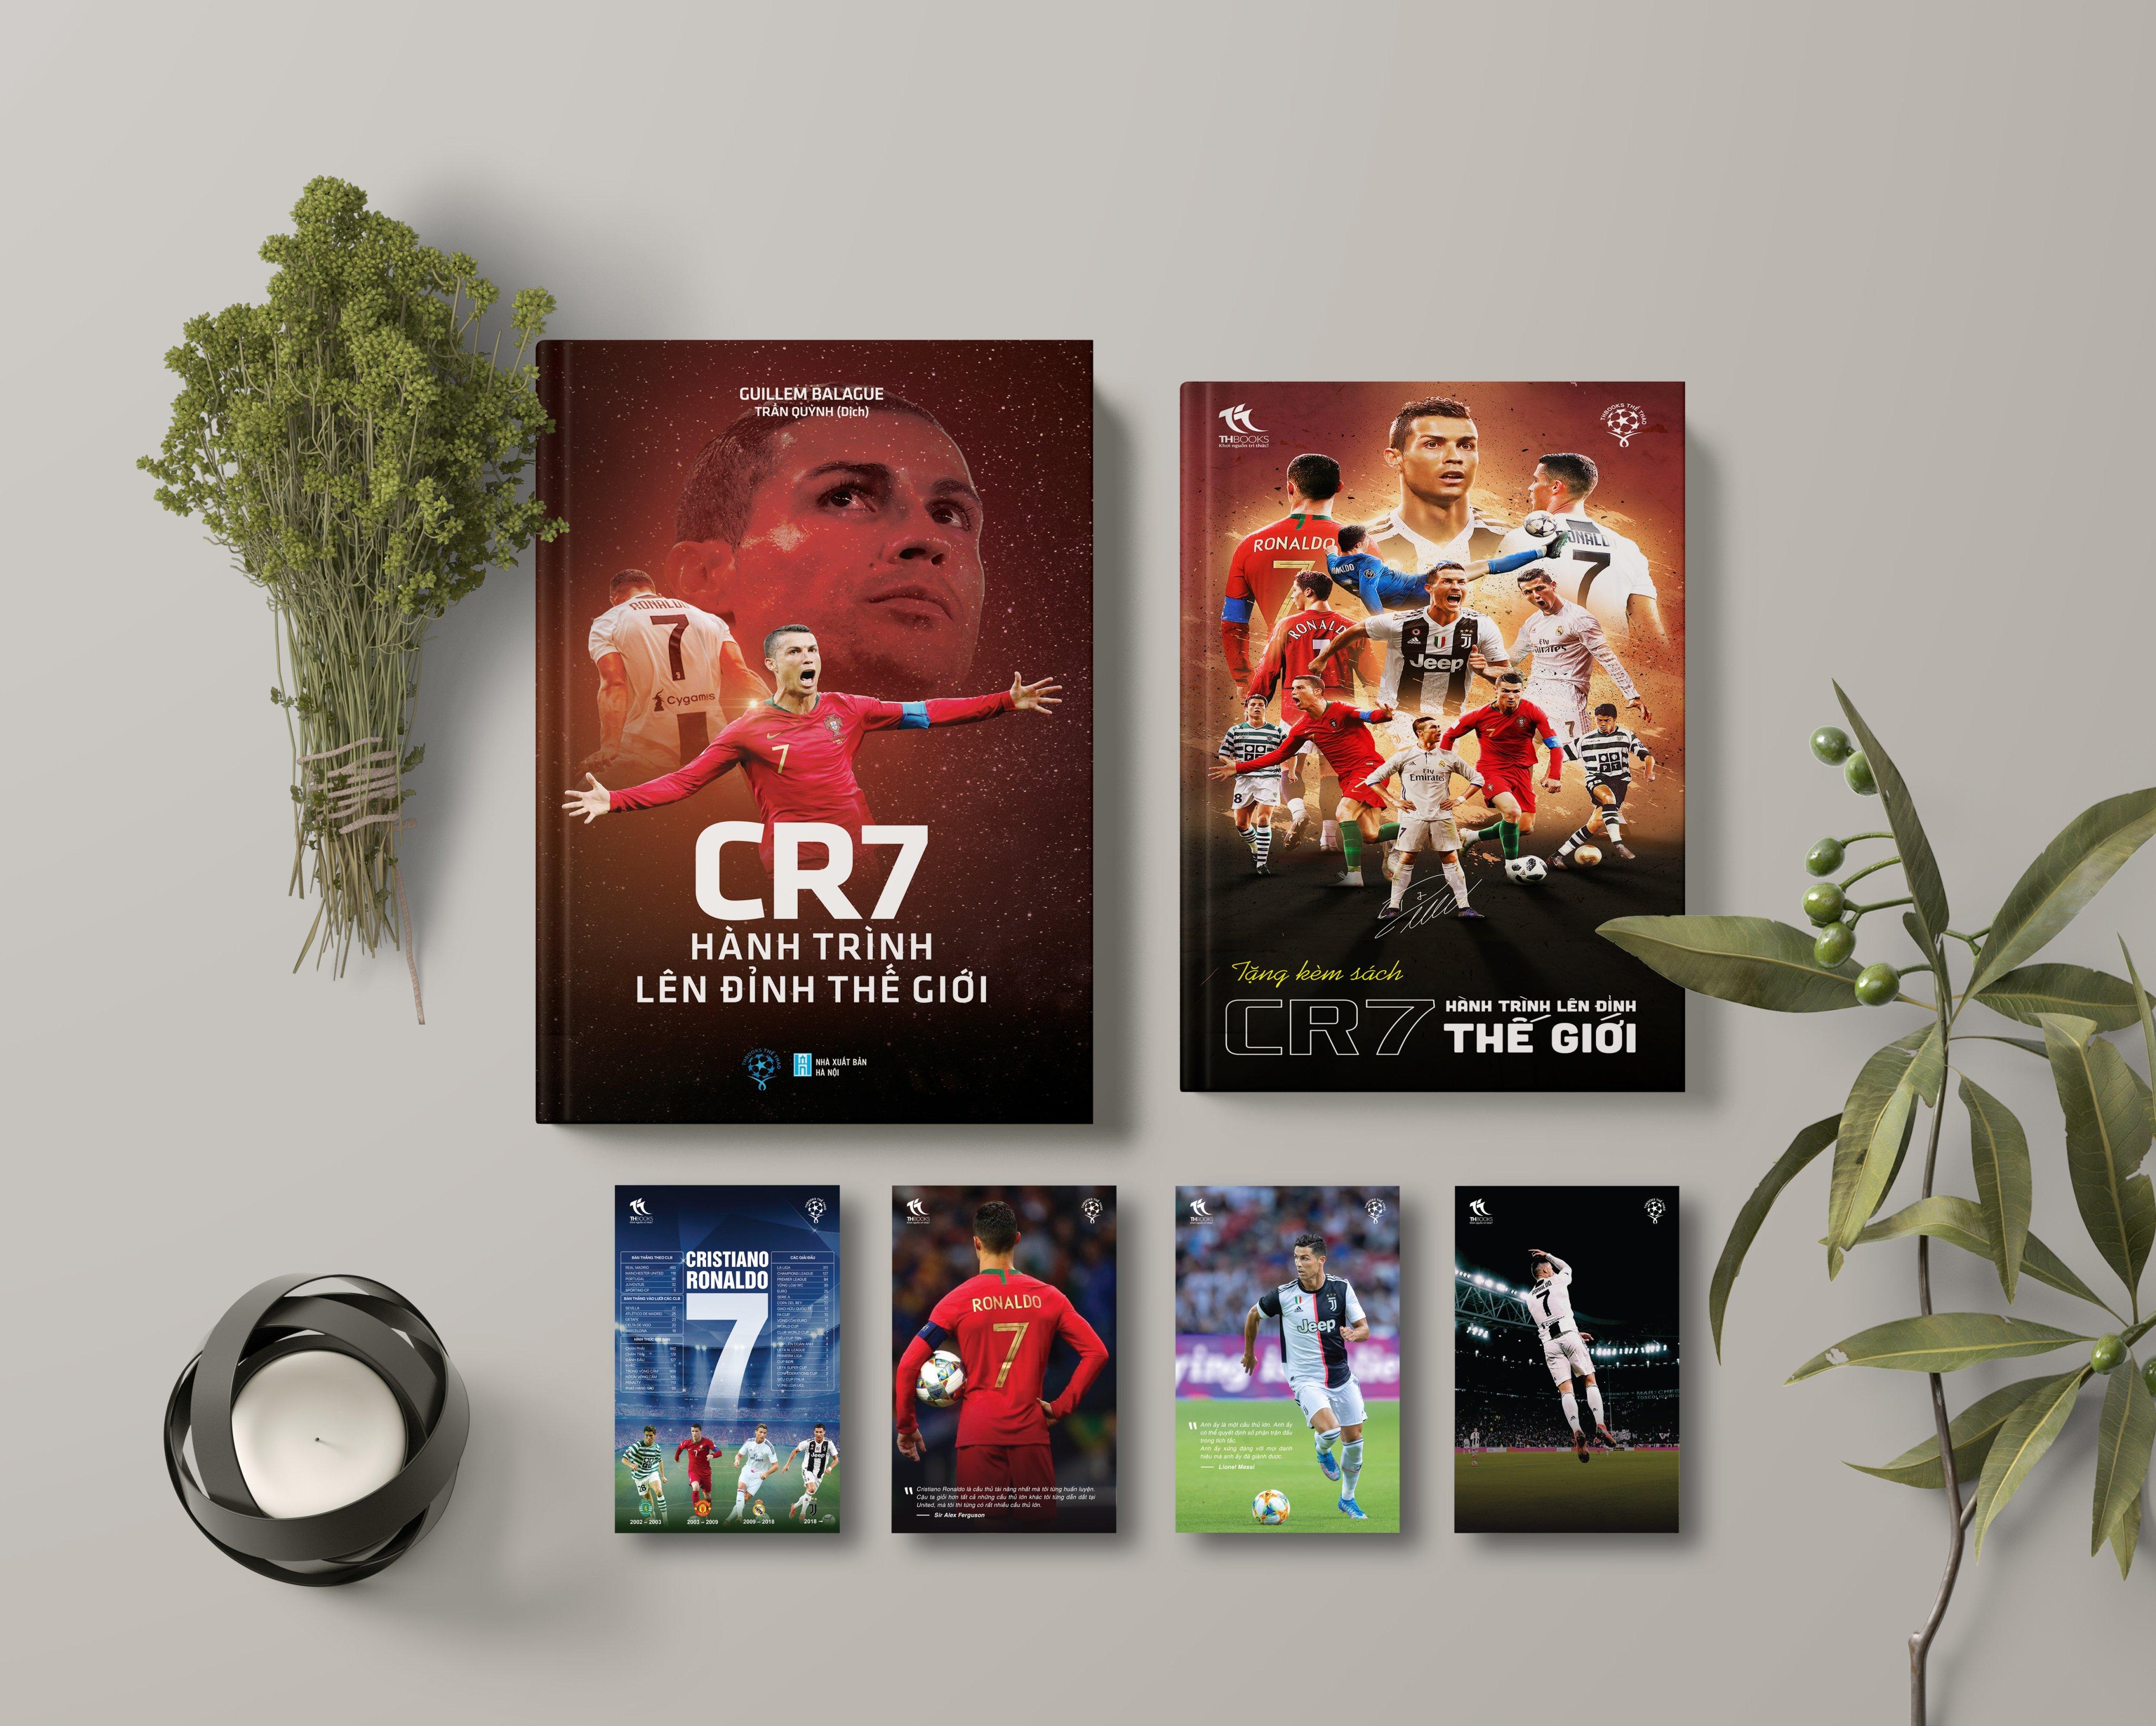 CR7 – Hành trình lên đỉnh thế giới hình ảnh